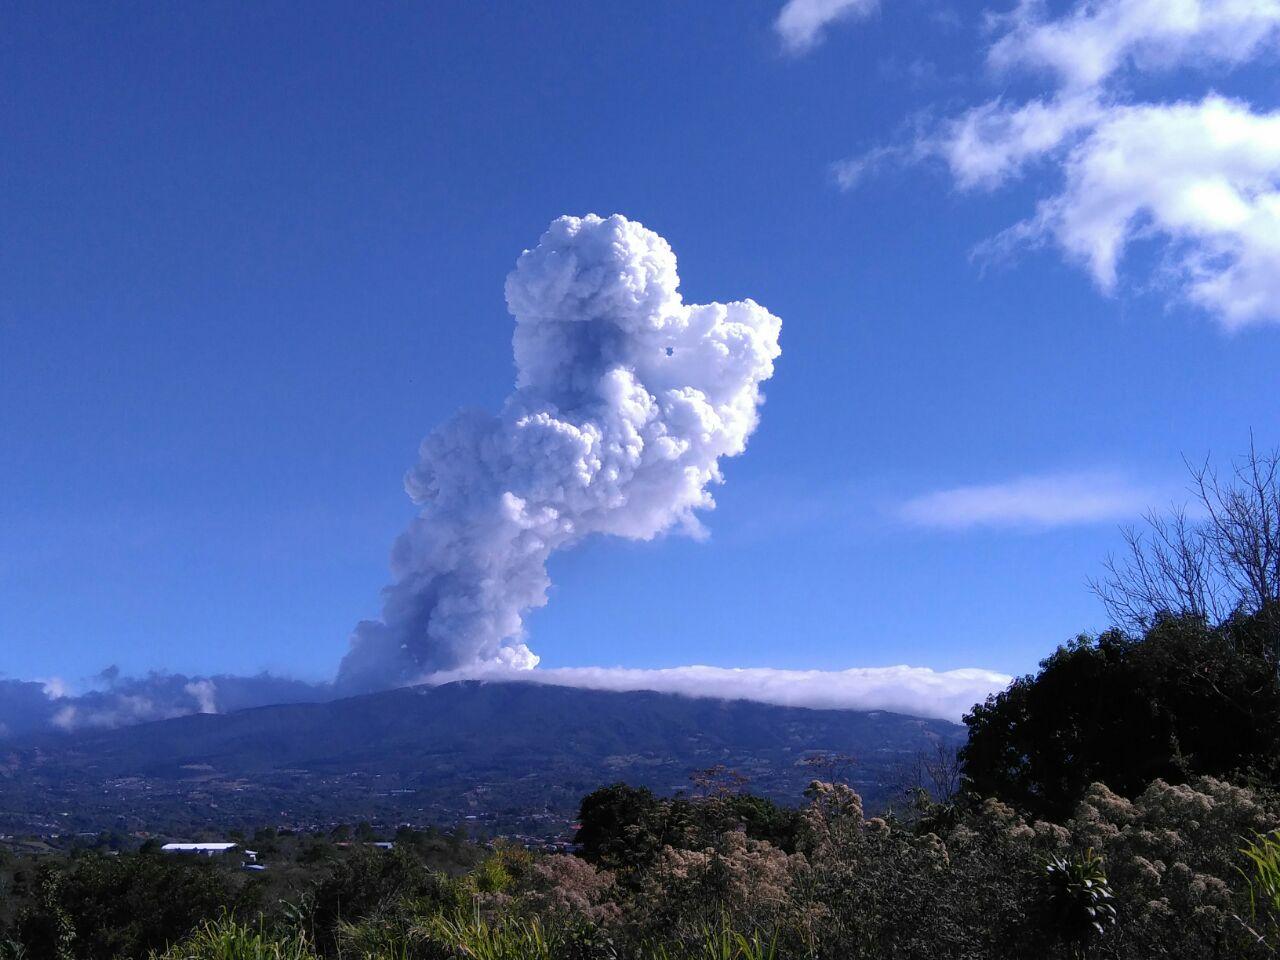 Explosion from Poás 14 April morning (image: Carlos Arguedas C. / La Nacion)